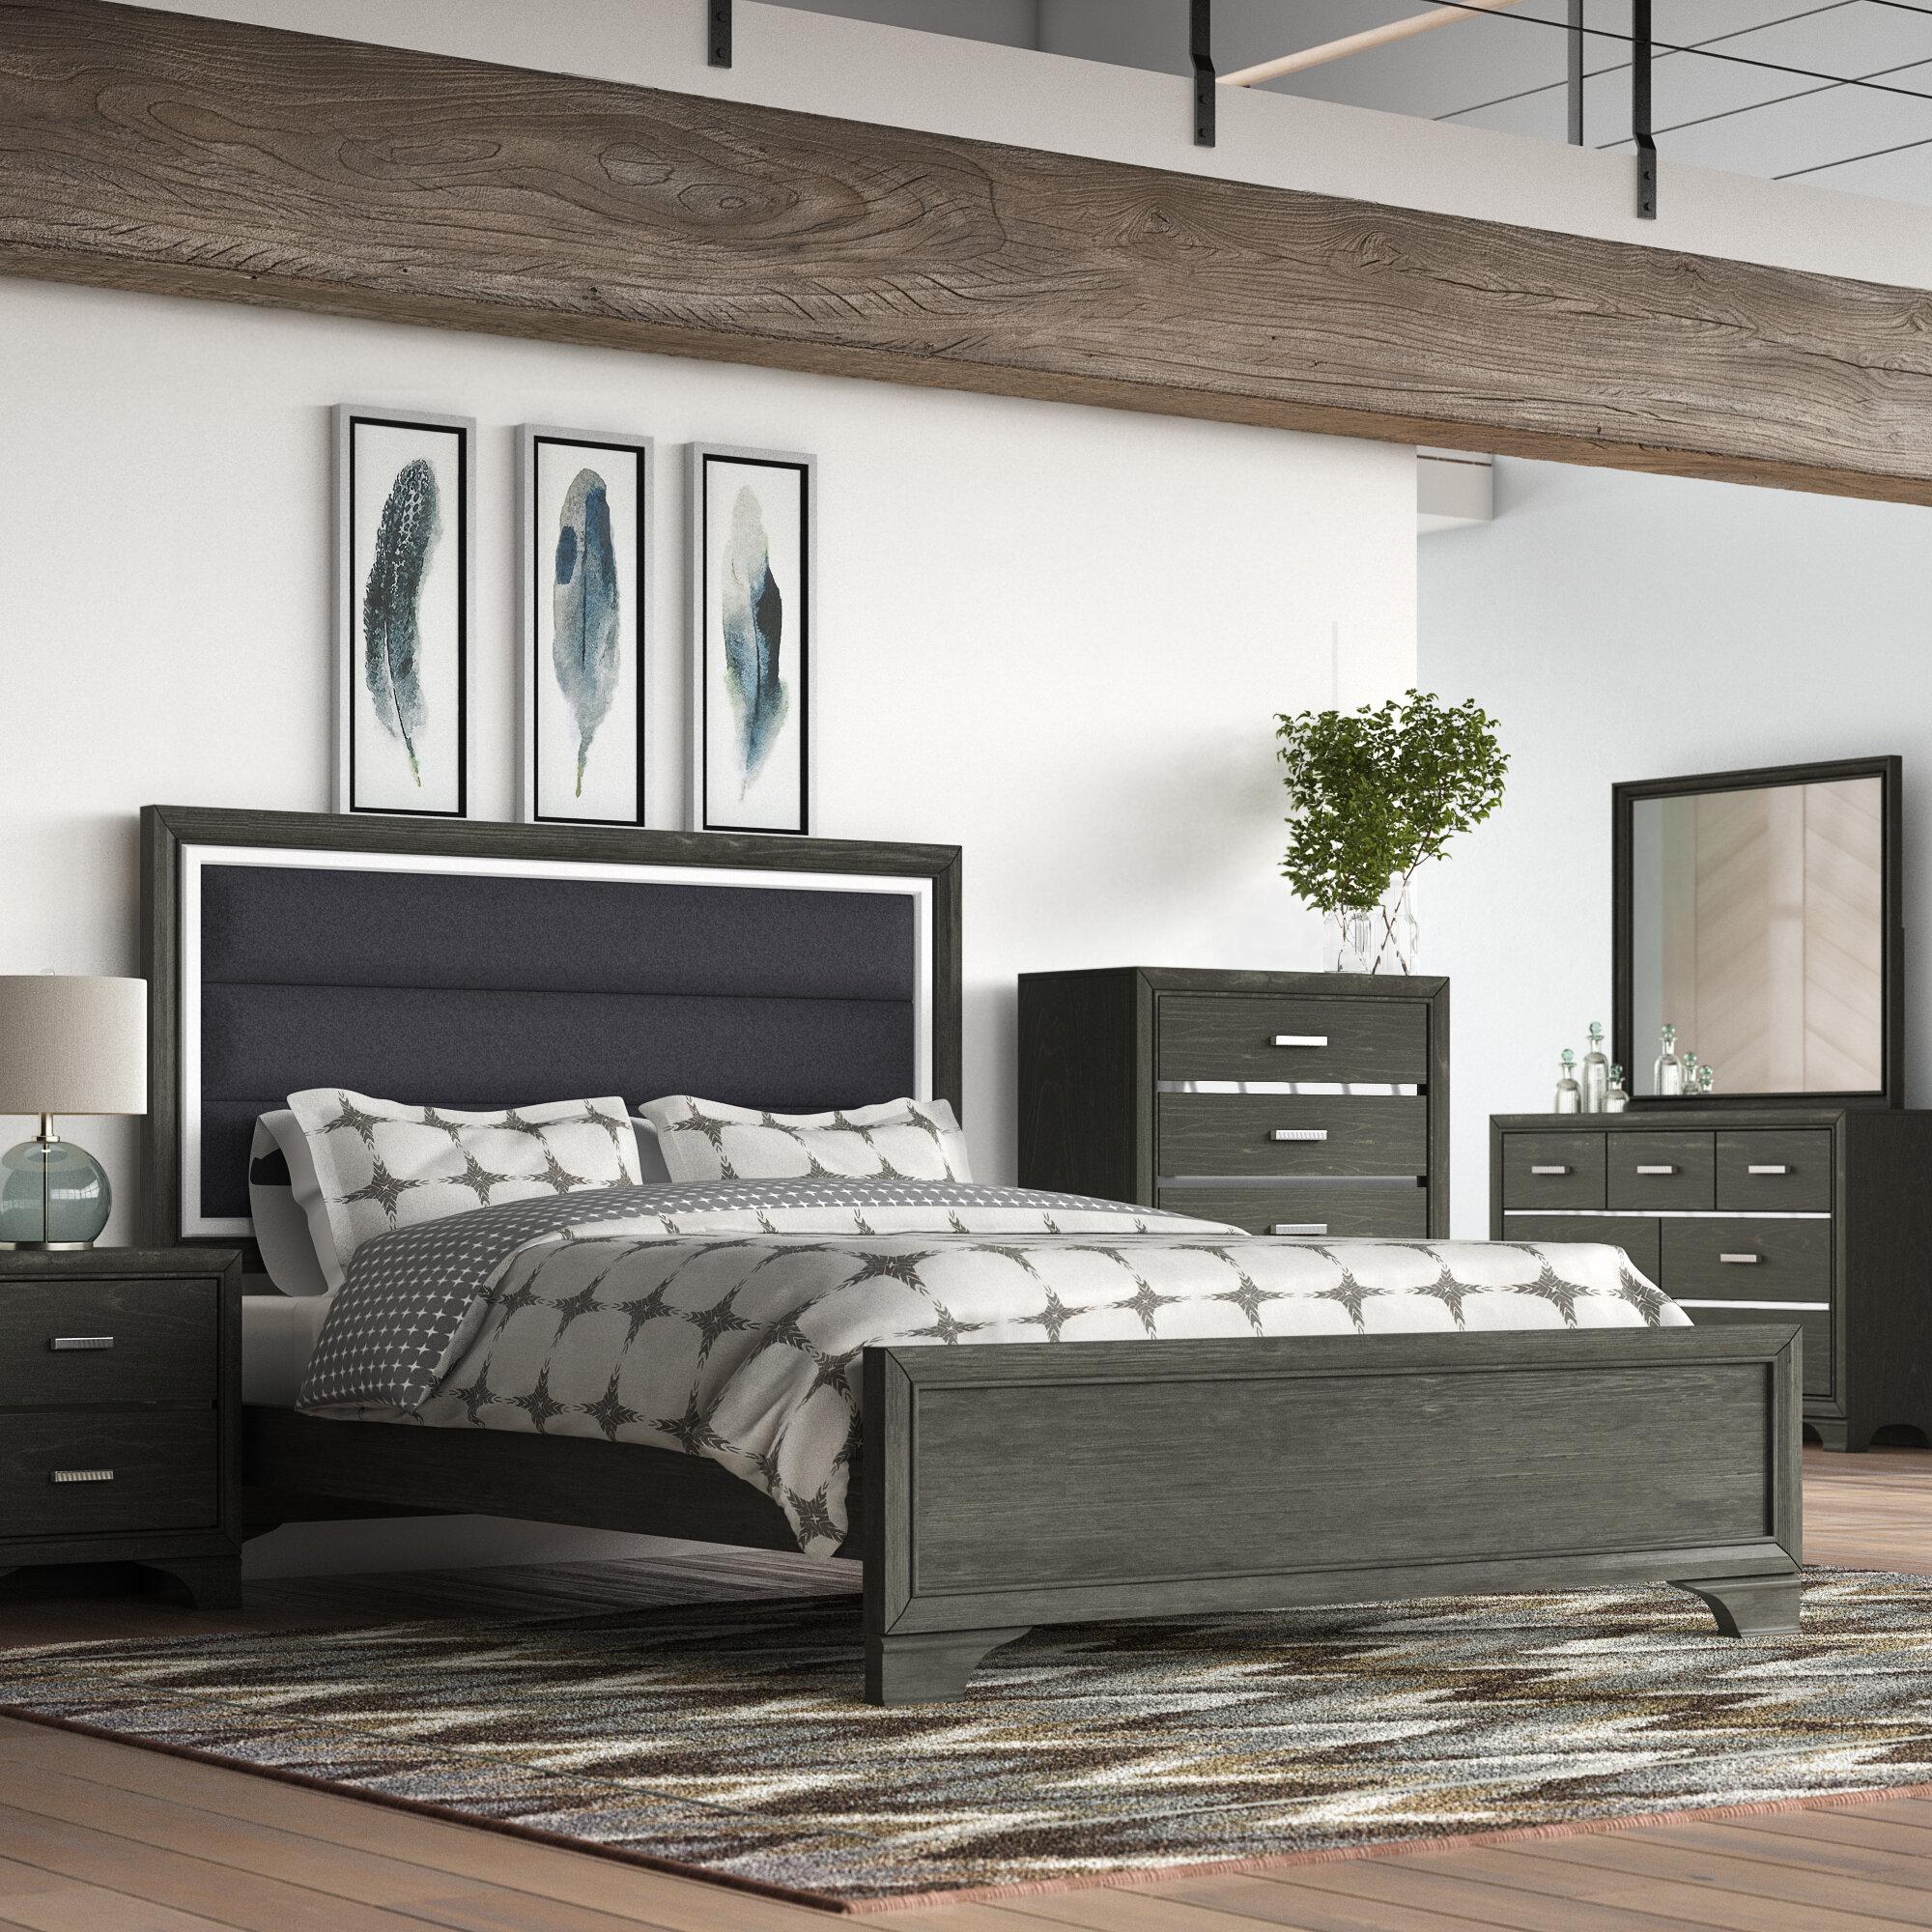 Brayden Studio Jarosz Queen Standard 6 Piece Bedroom Set | Wayfair